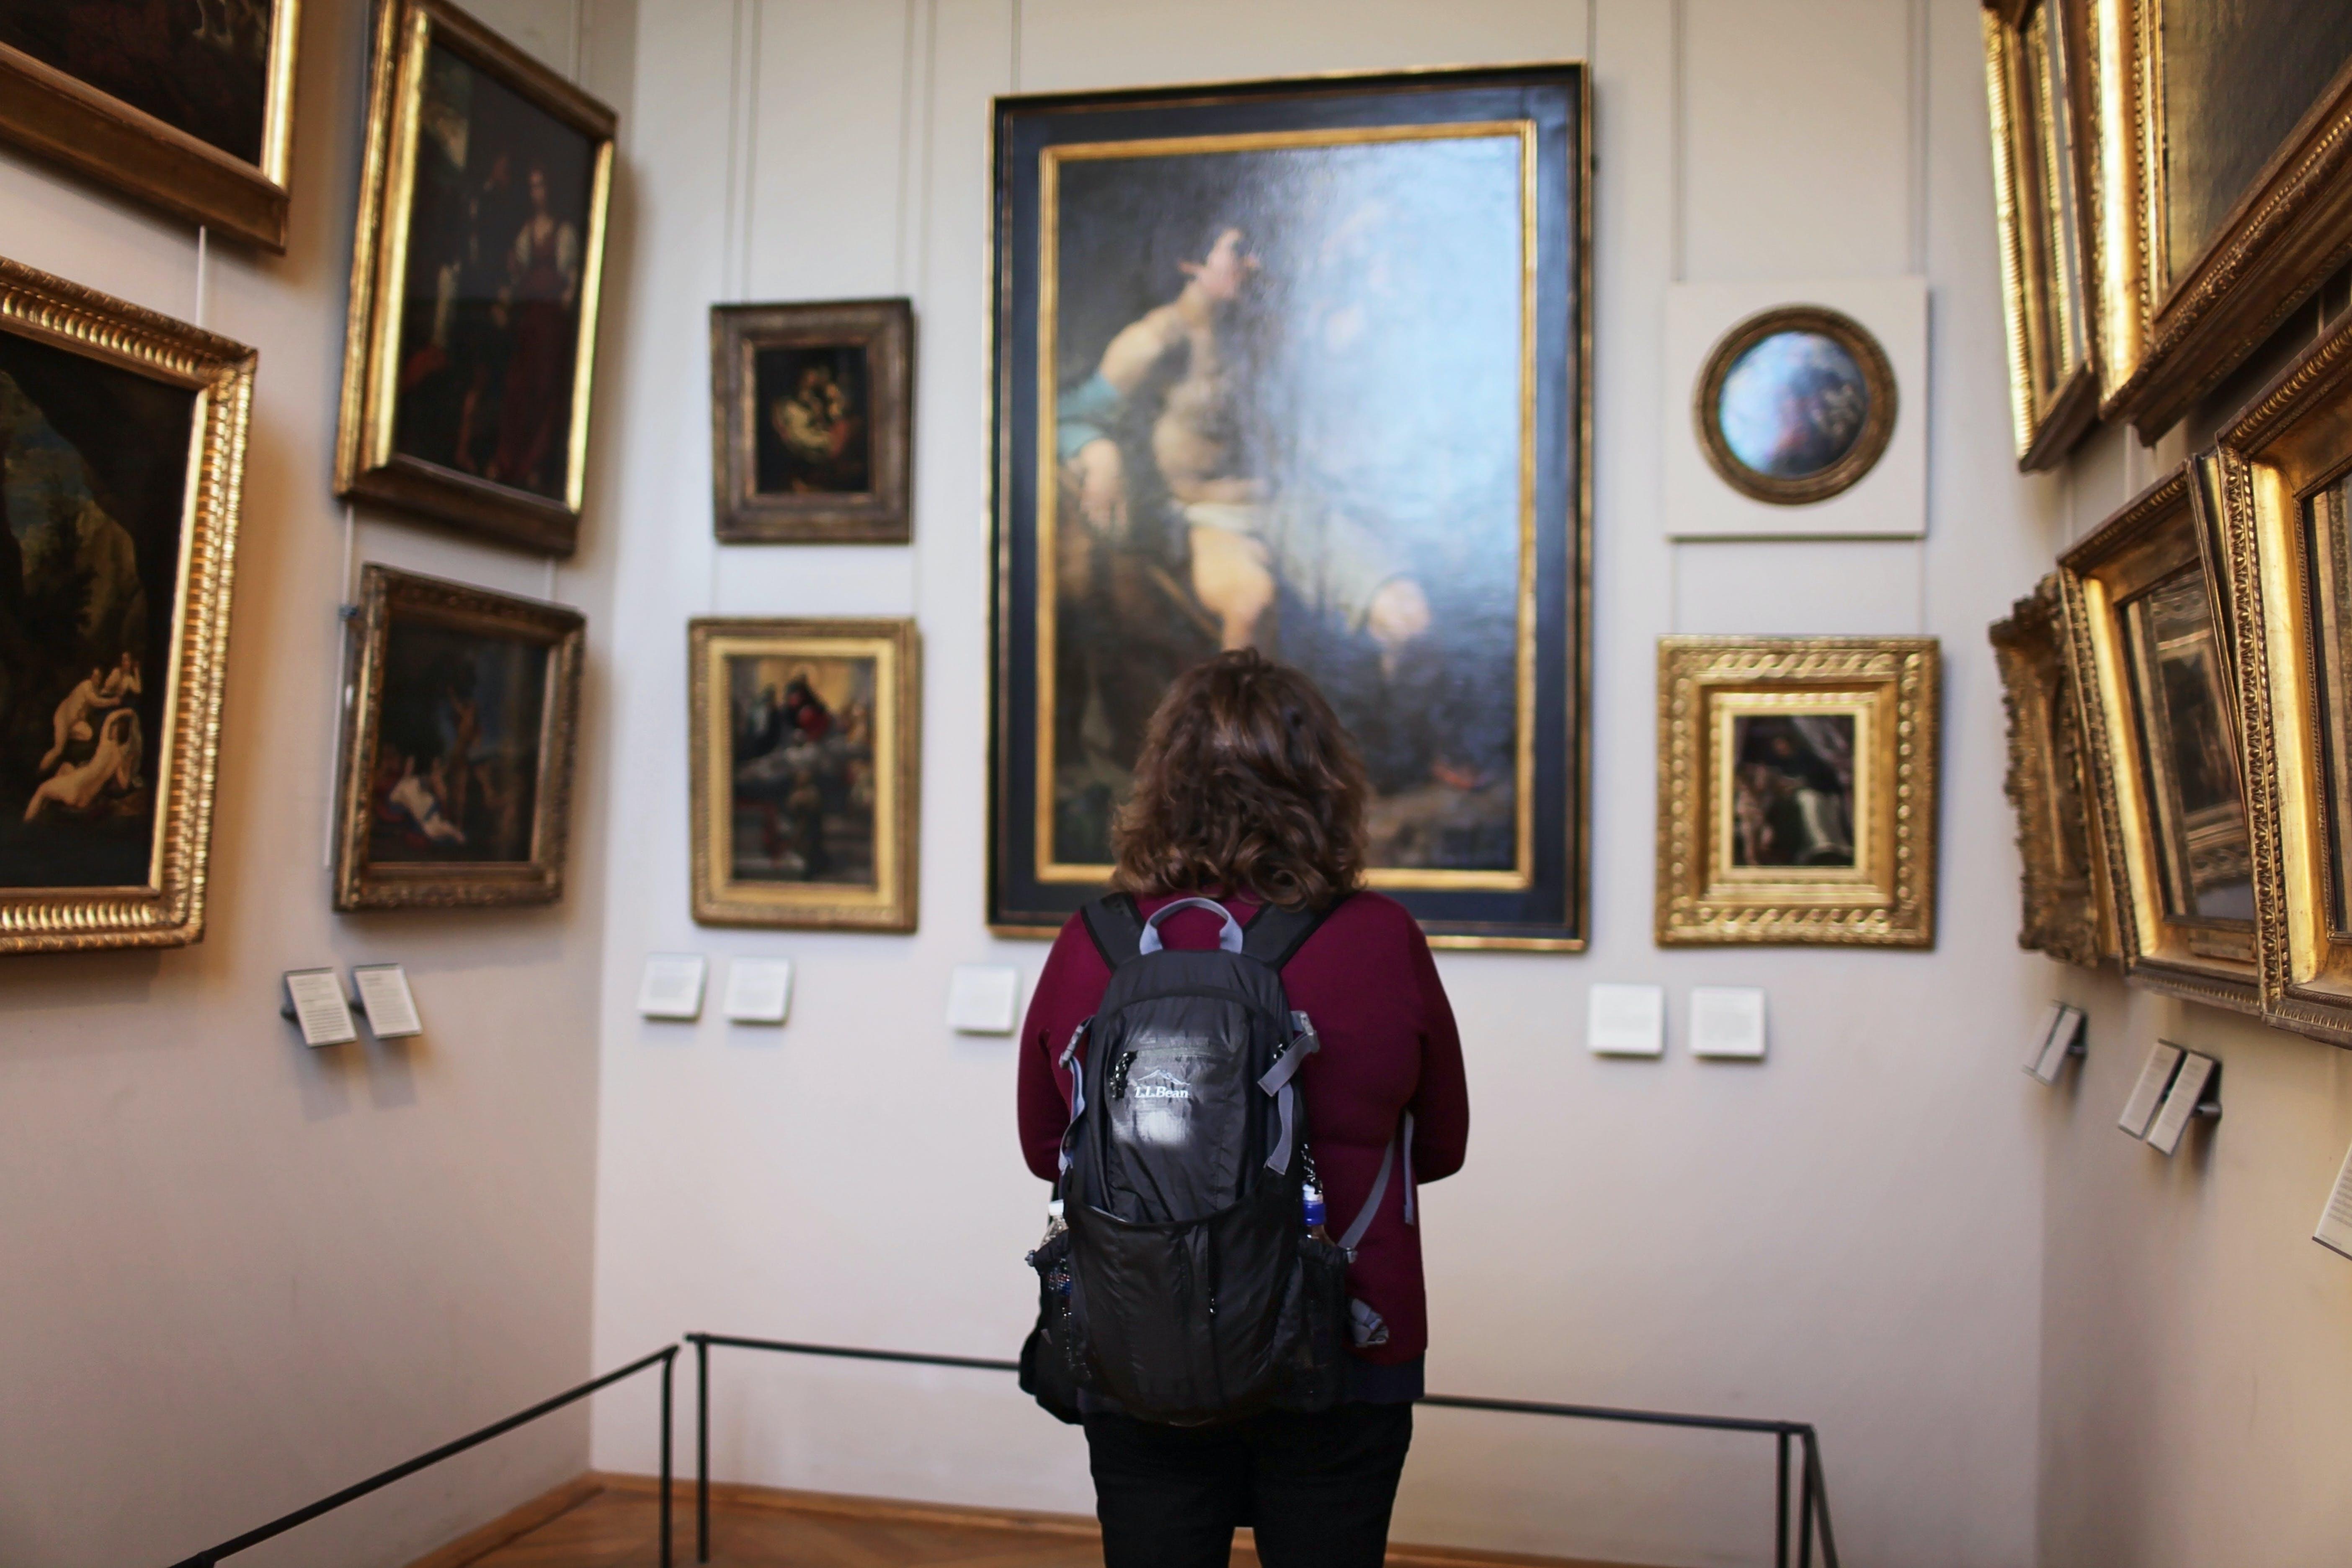 Immagine gratuita di arte, camera, dipinti, edificio